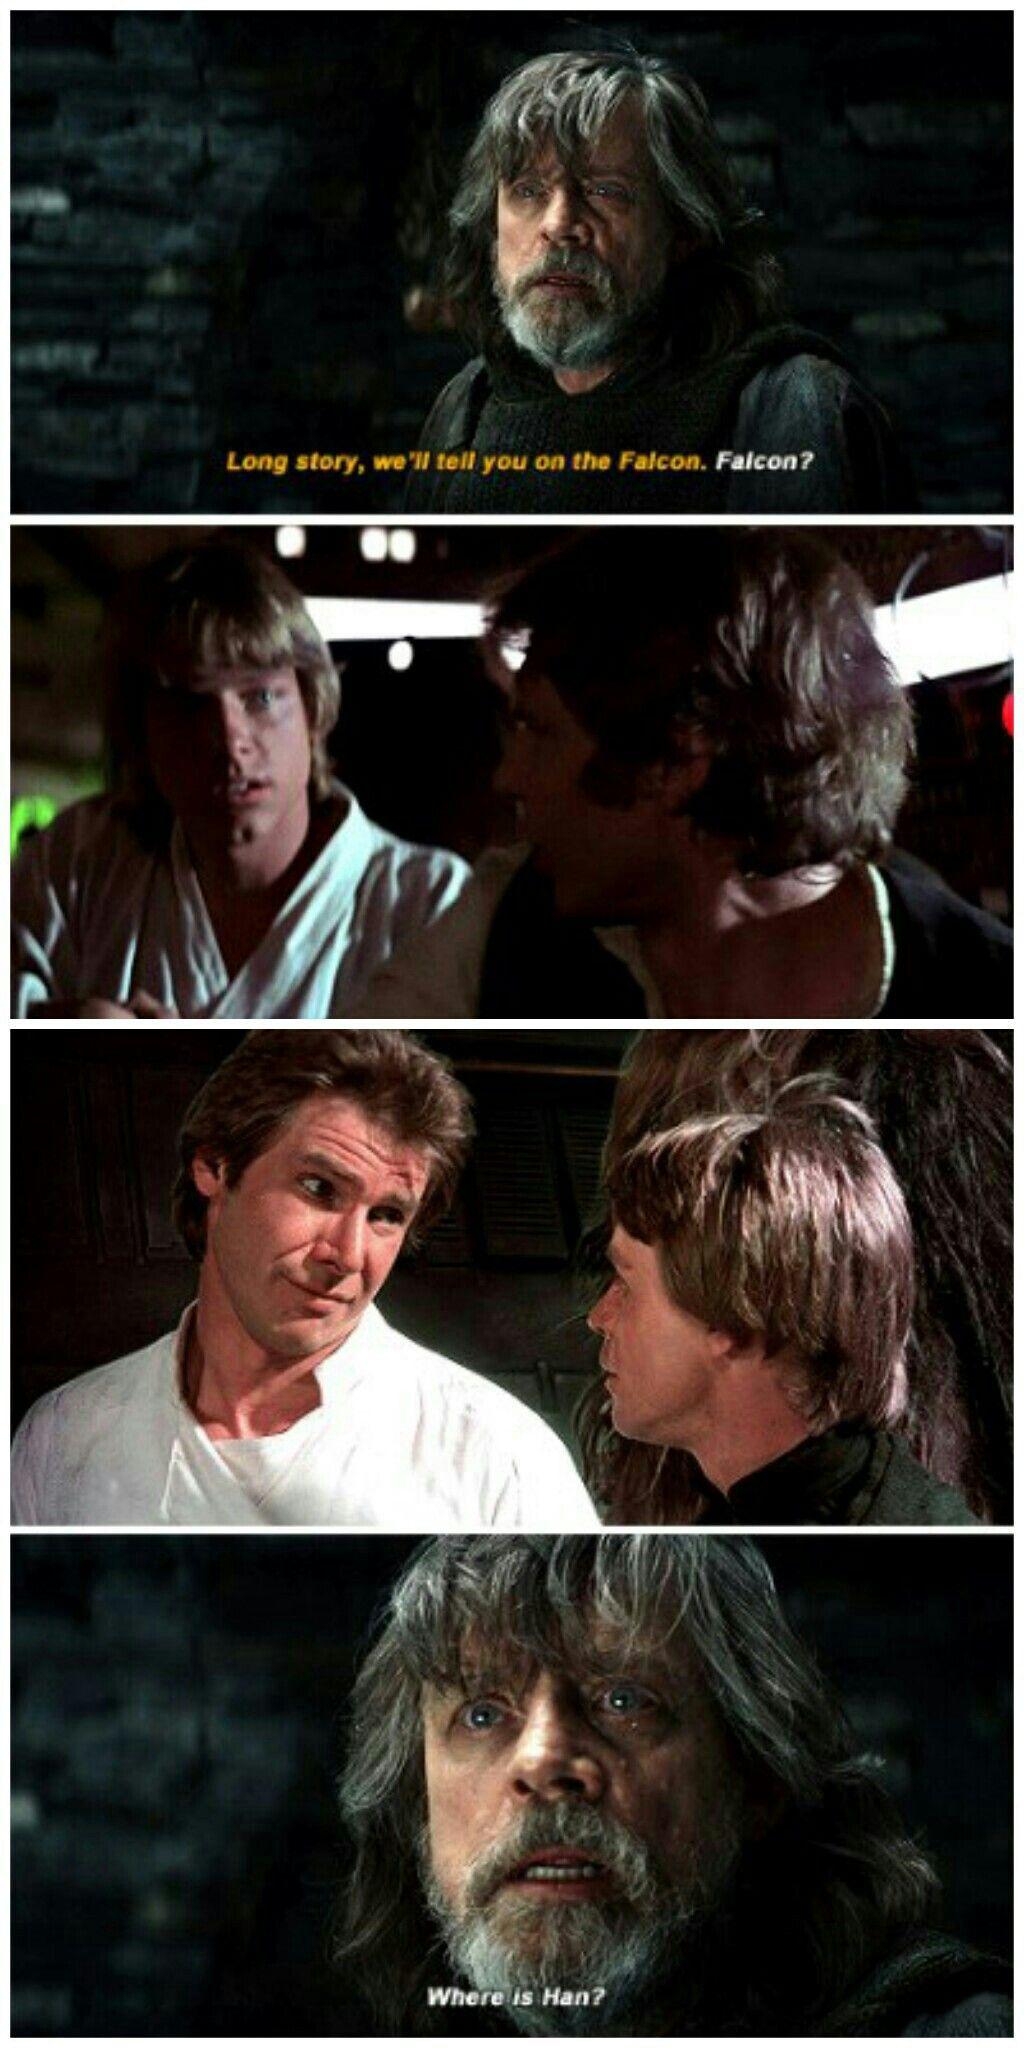 Star Wars Luke Skywalker Han Solo Sterr Waas Pinterest Star